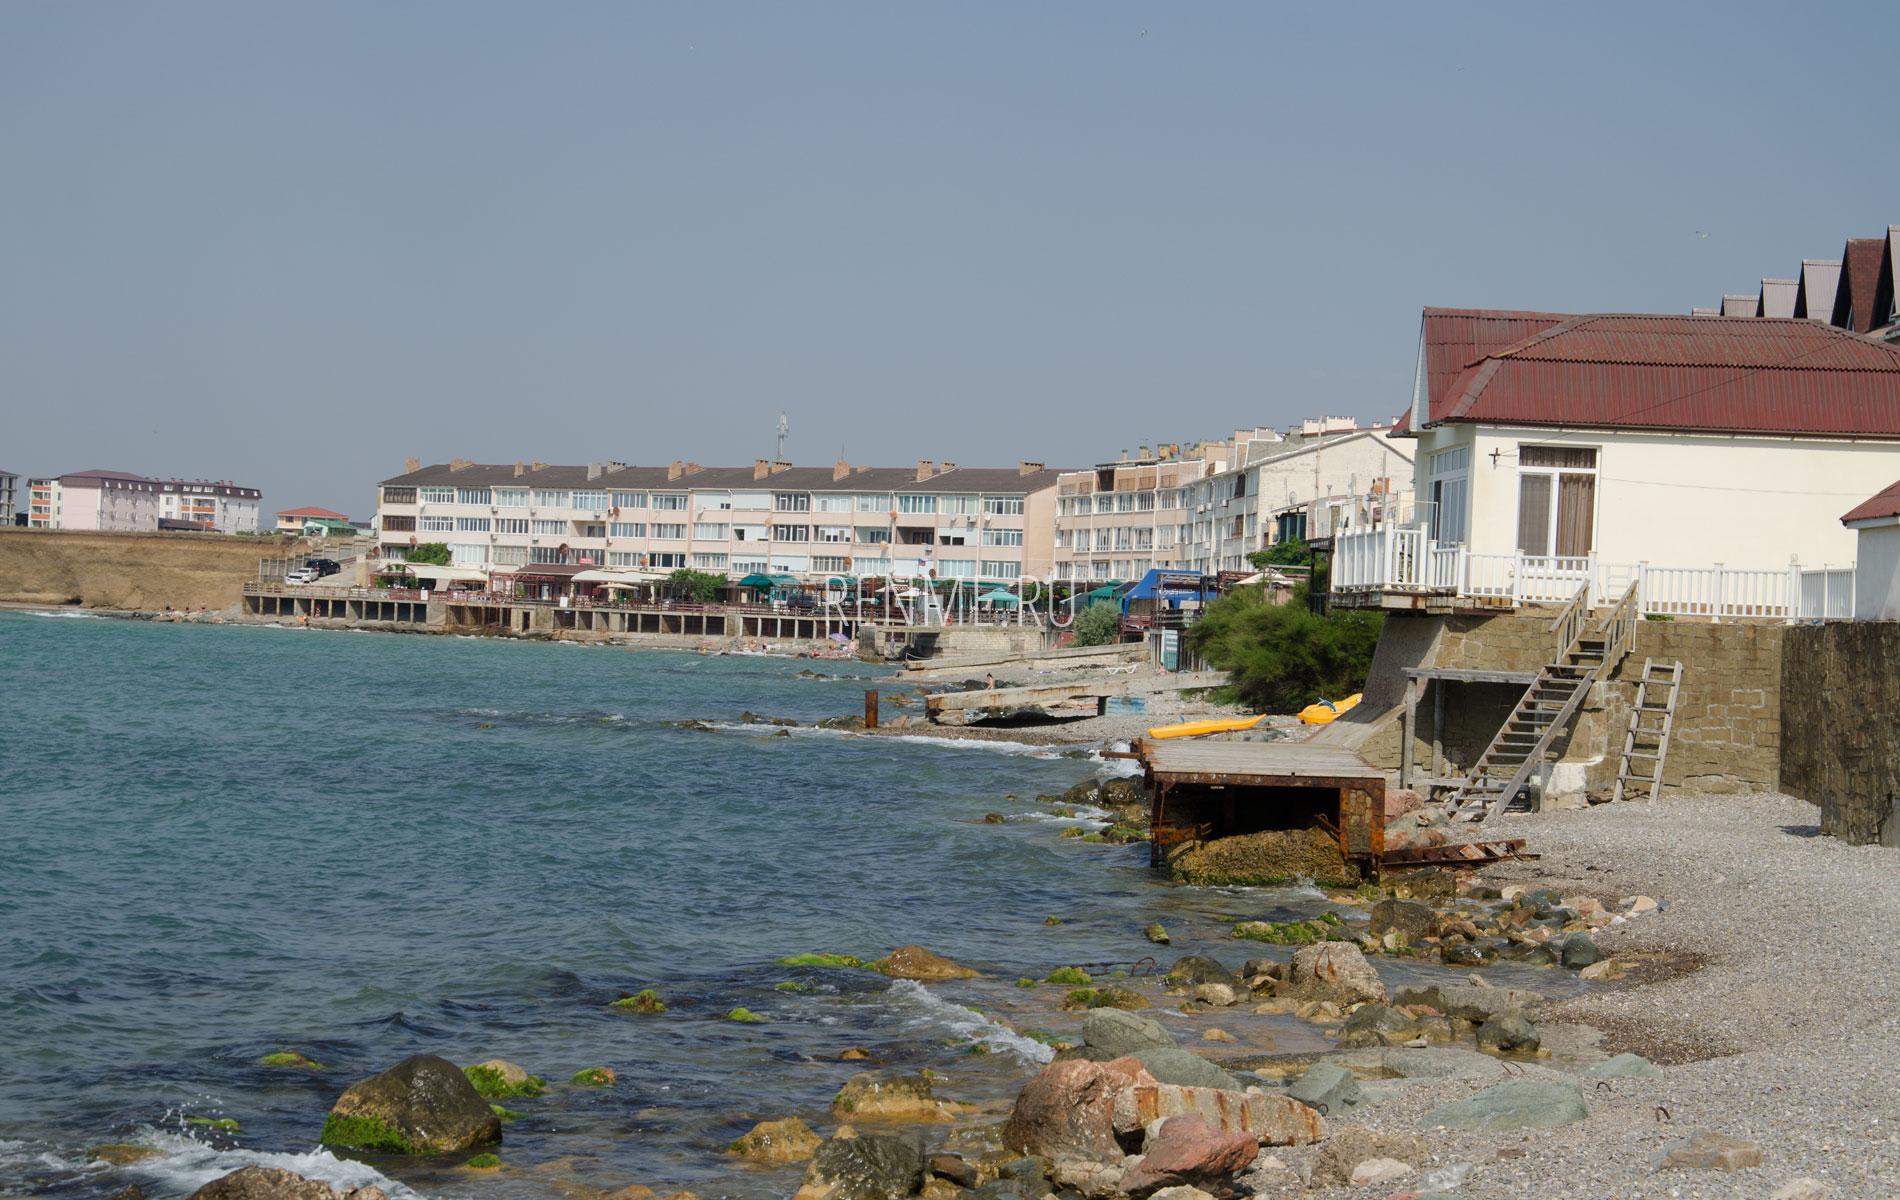 Эллинги на море. Фото Николаевки